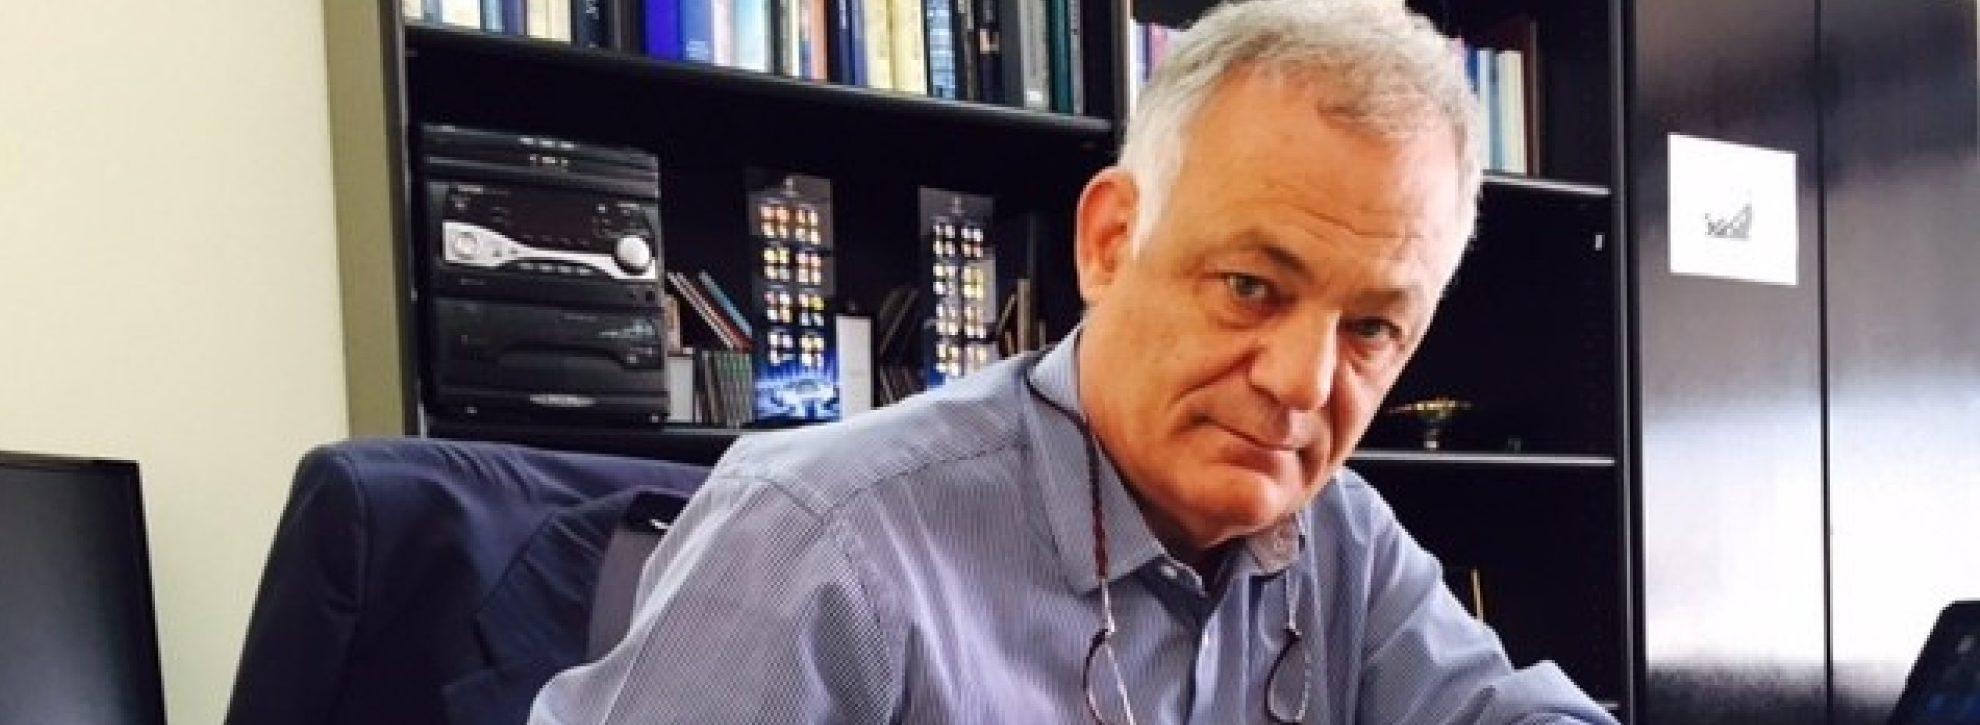 Παραιτήθηκε ο Ταγματάρχης από CEO της ΕΡΤ